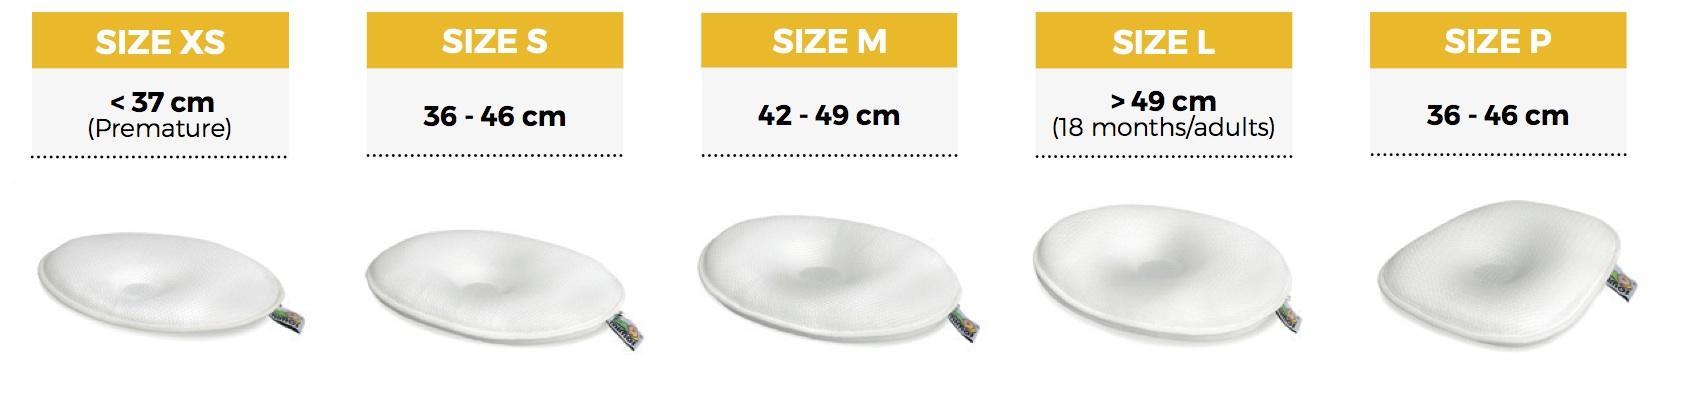 bild som visar vilken storlek man skall välja